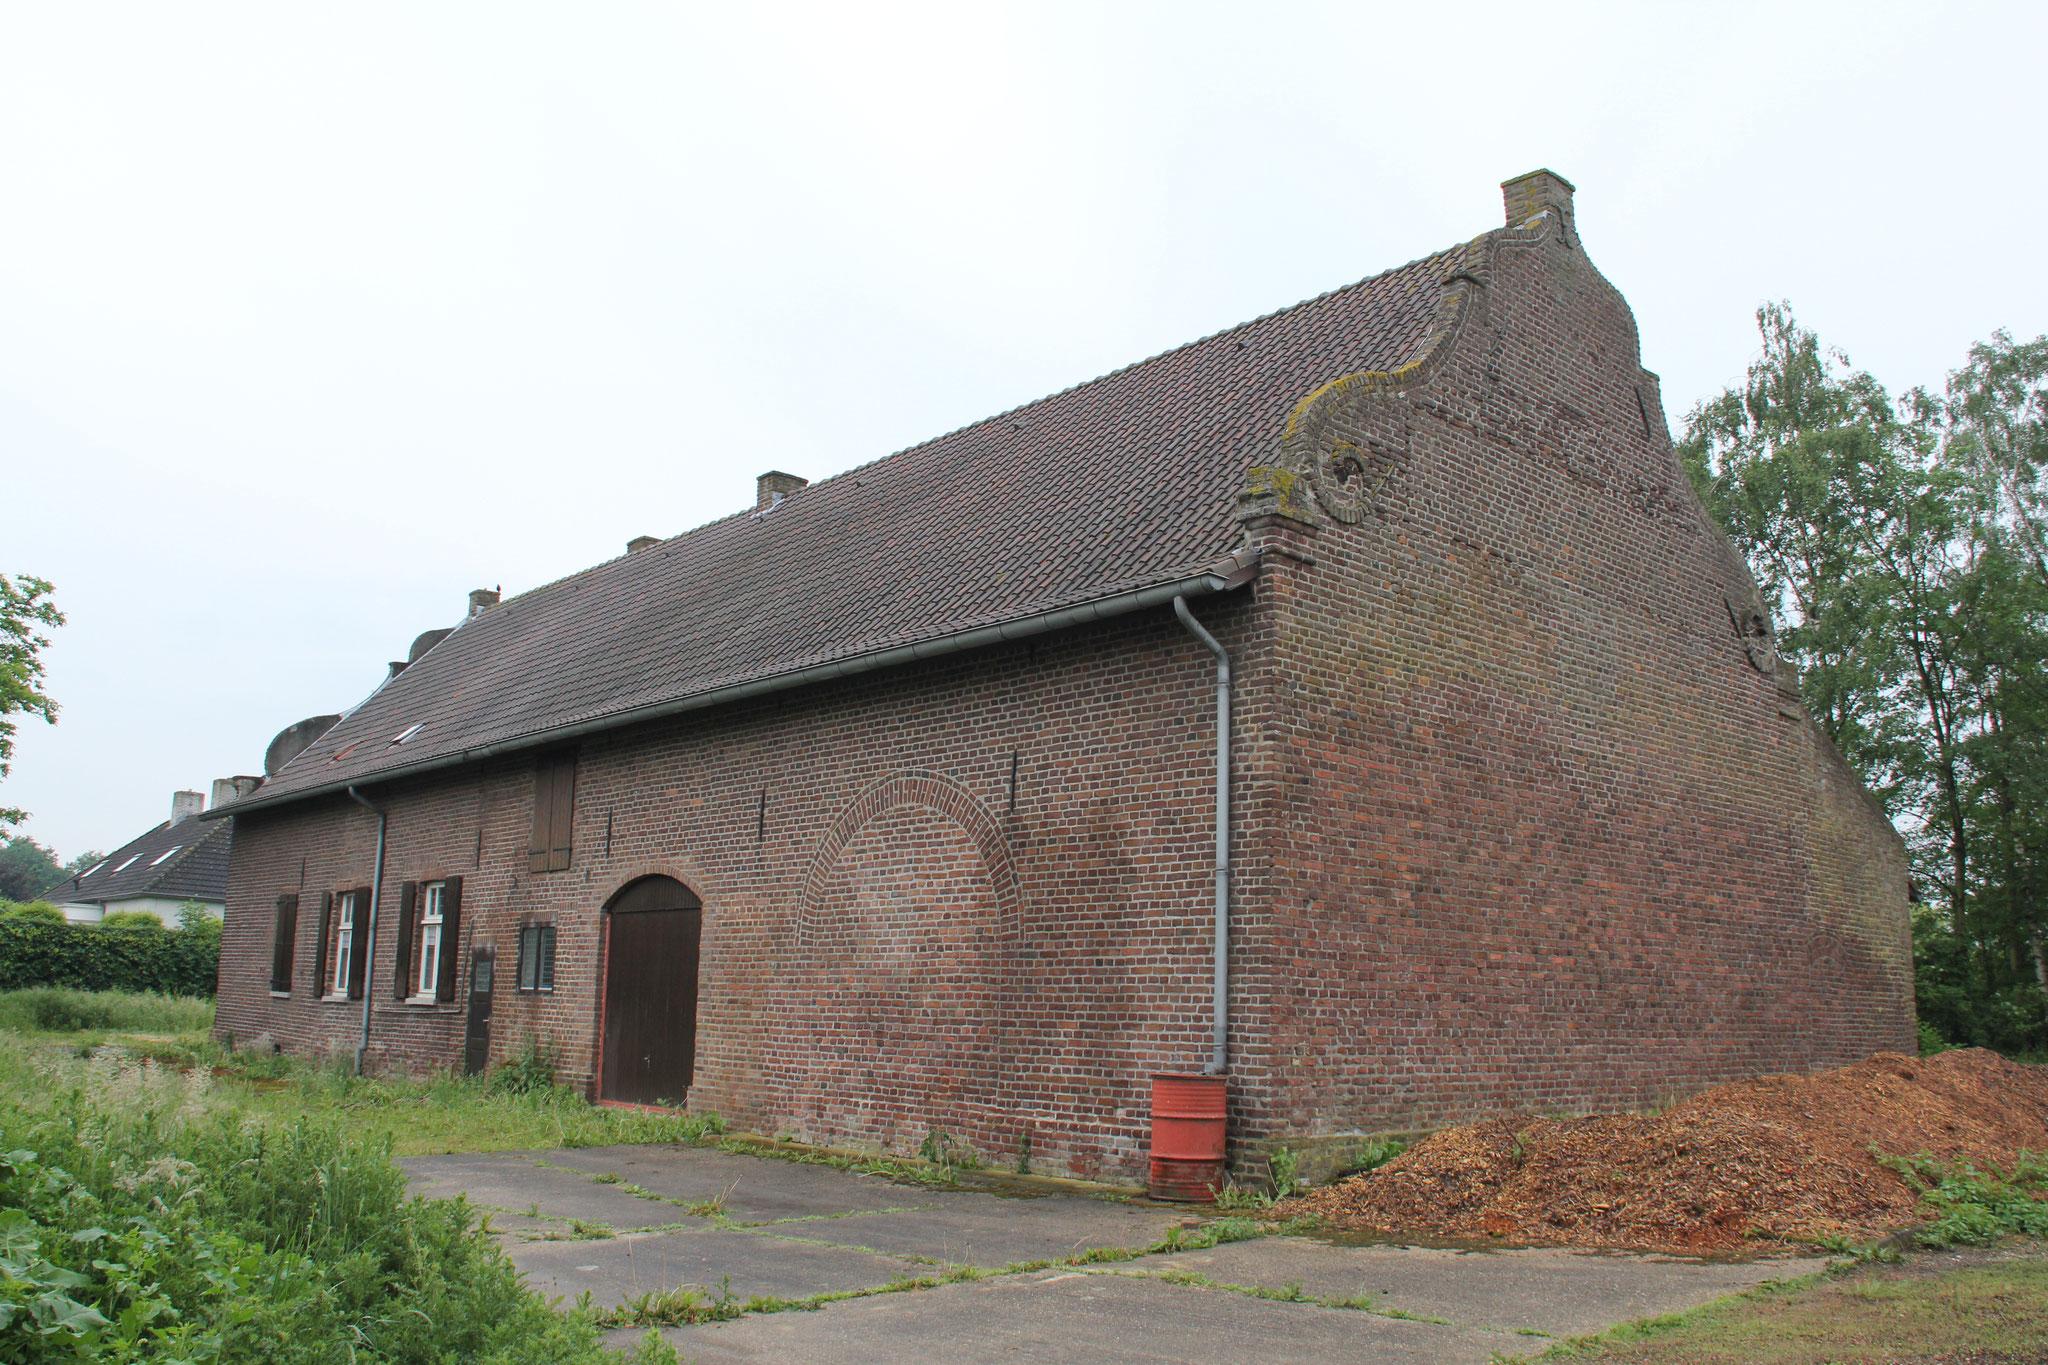 De noordgevel van de Weijershof, circa 1700: groot probleem met optrekkend vocht.